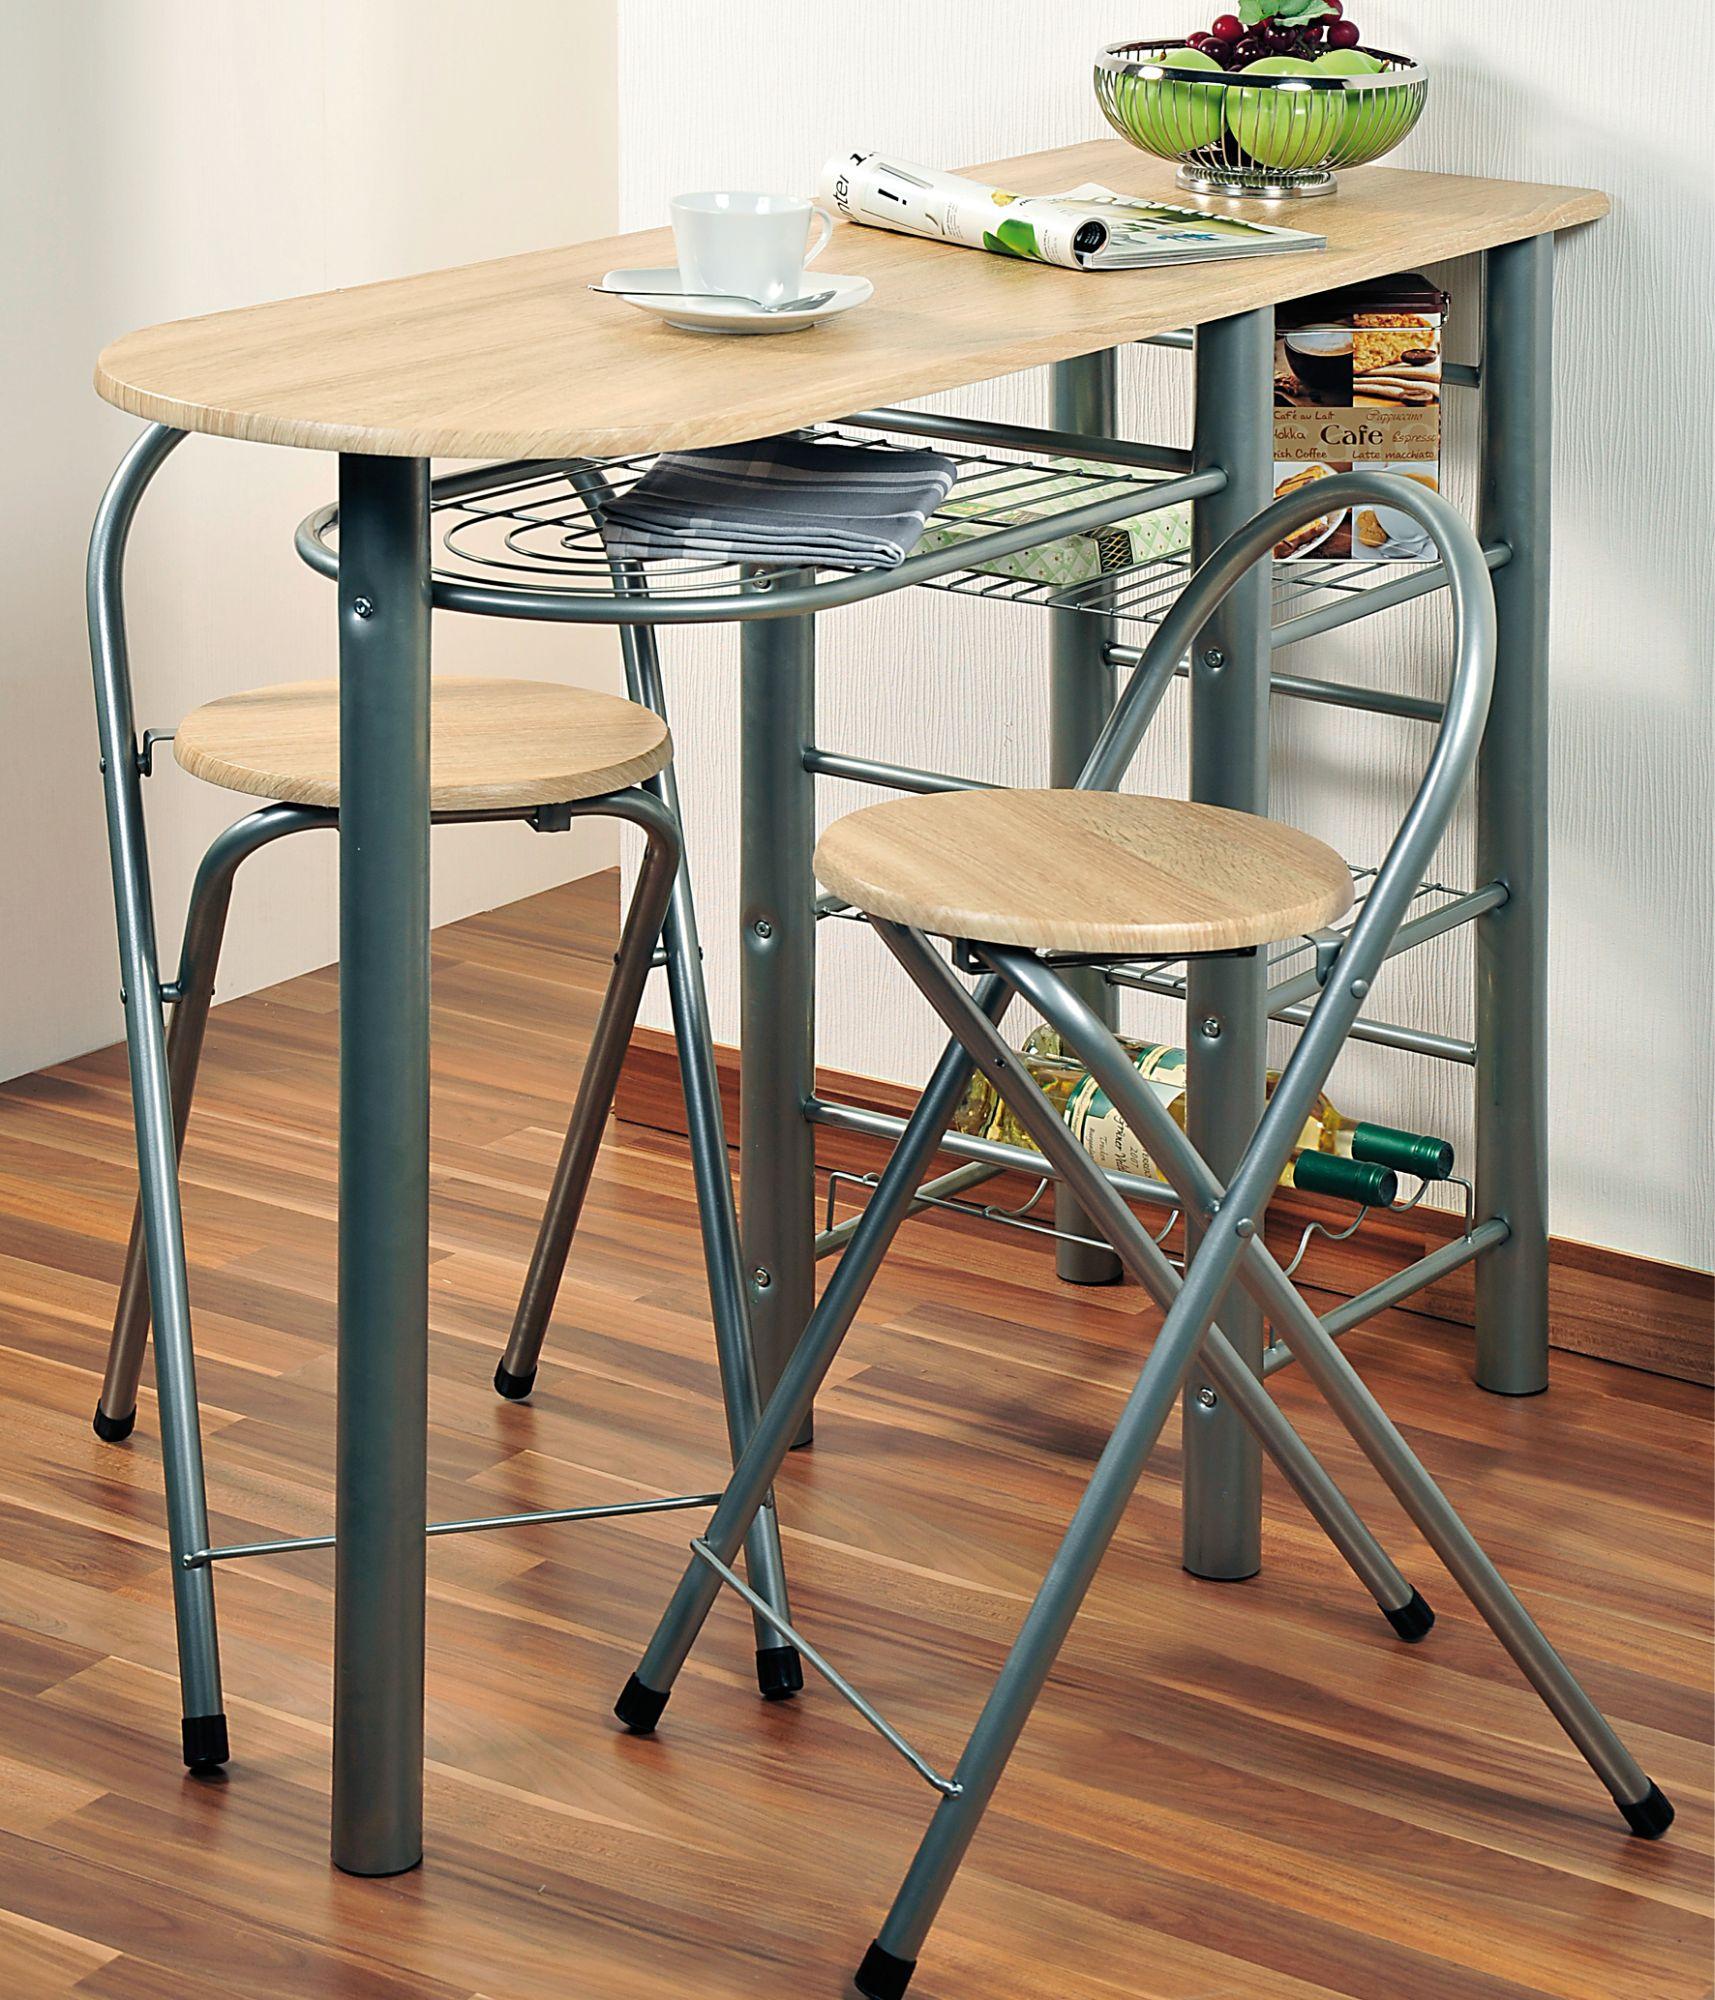 Kesper Küchenbar mit 2 Stühlen, 116 x 88 x 40 cm, aus Metall,  FSC-zertifizierte Faserplatten mit Eichendekor, Sitzhöhe 60 cm, Stuhlfläche  Ø30 cm